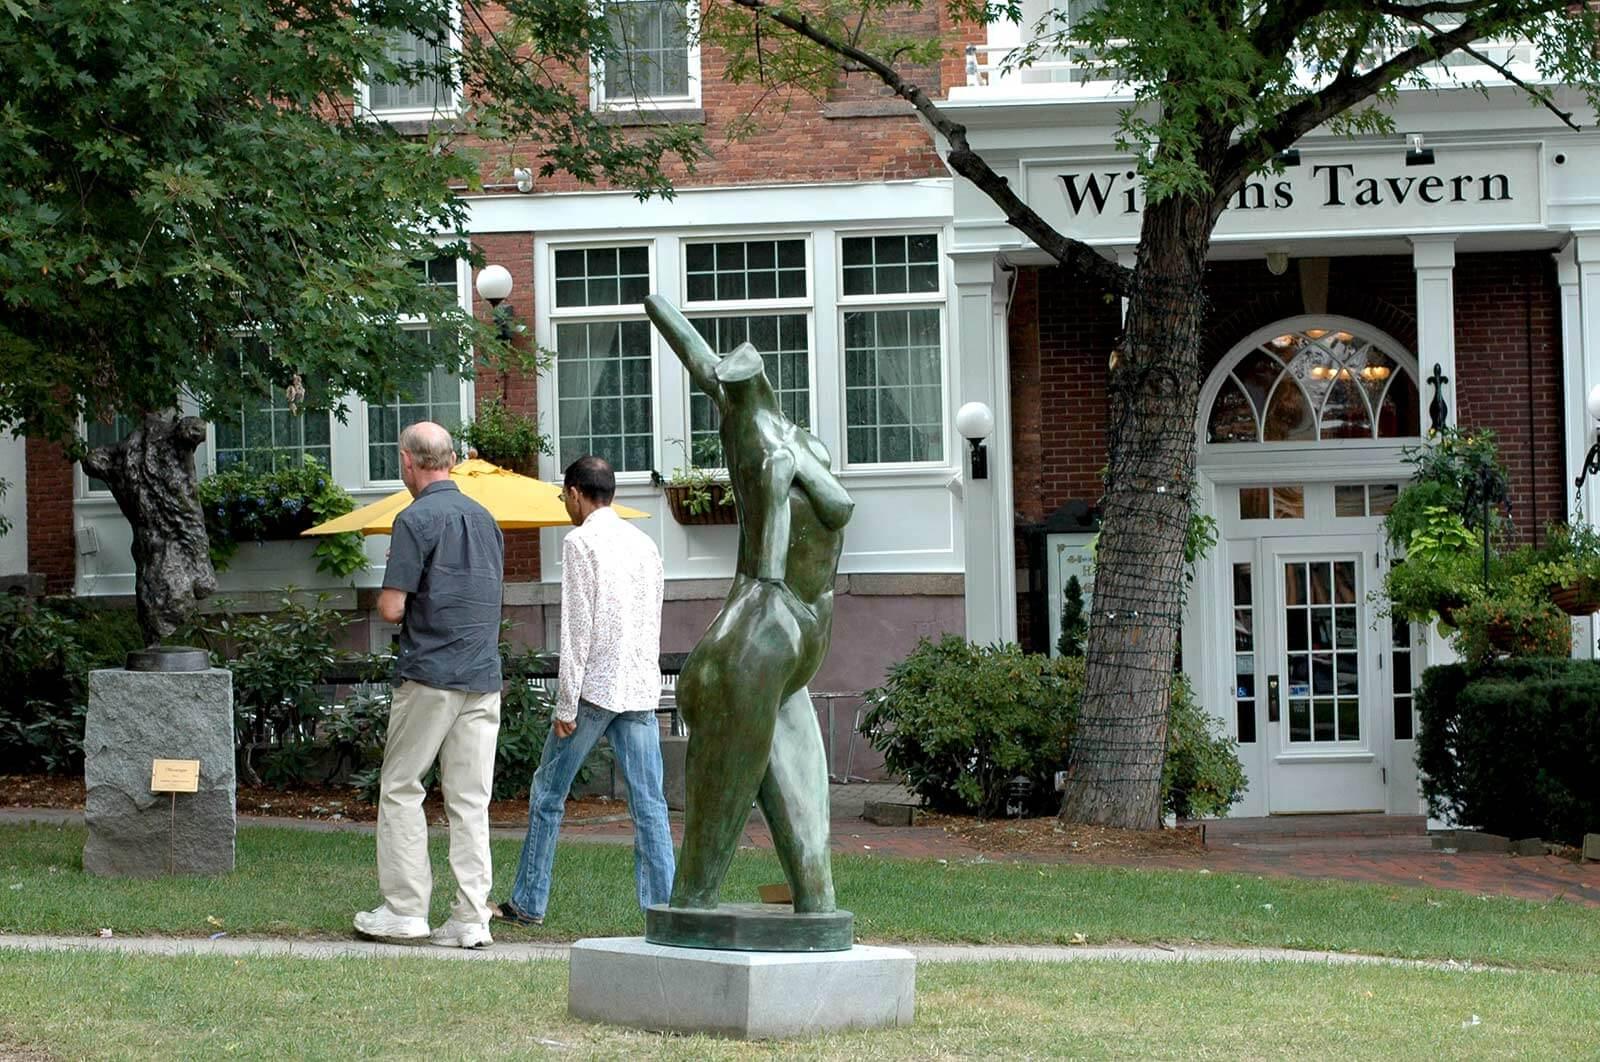 Calliope bronze female nude torso by Andrew DeVries Northampton MA 2007